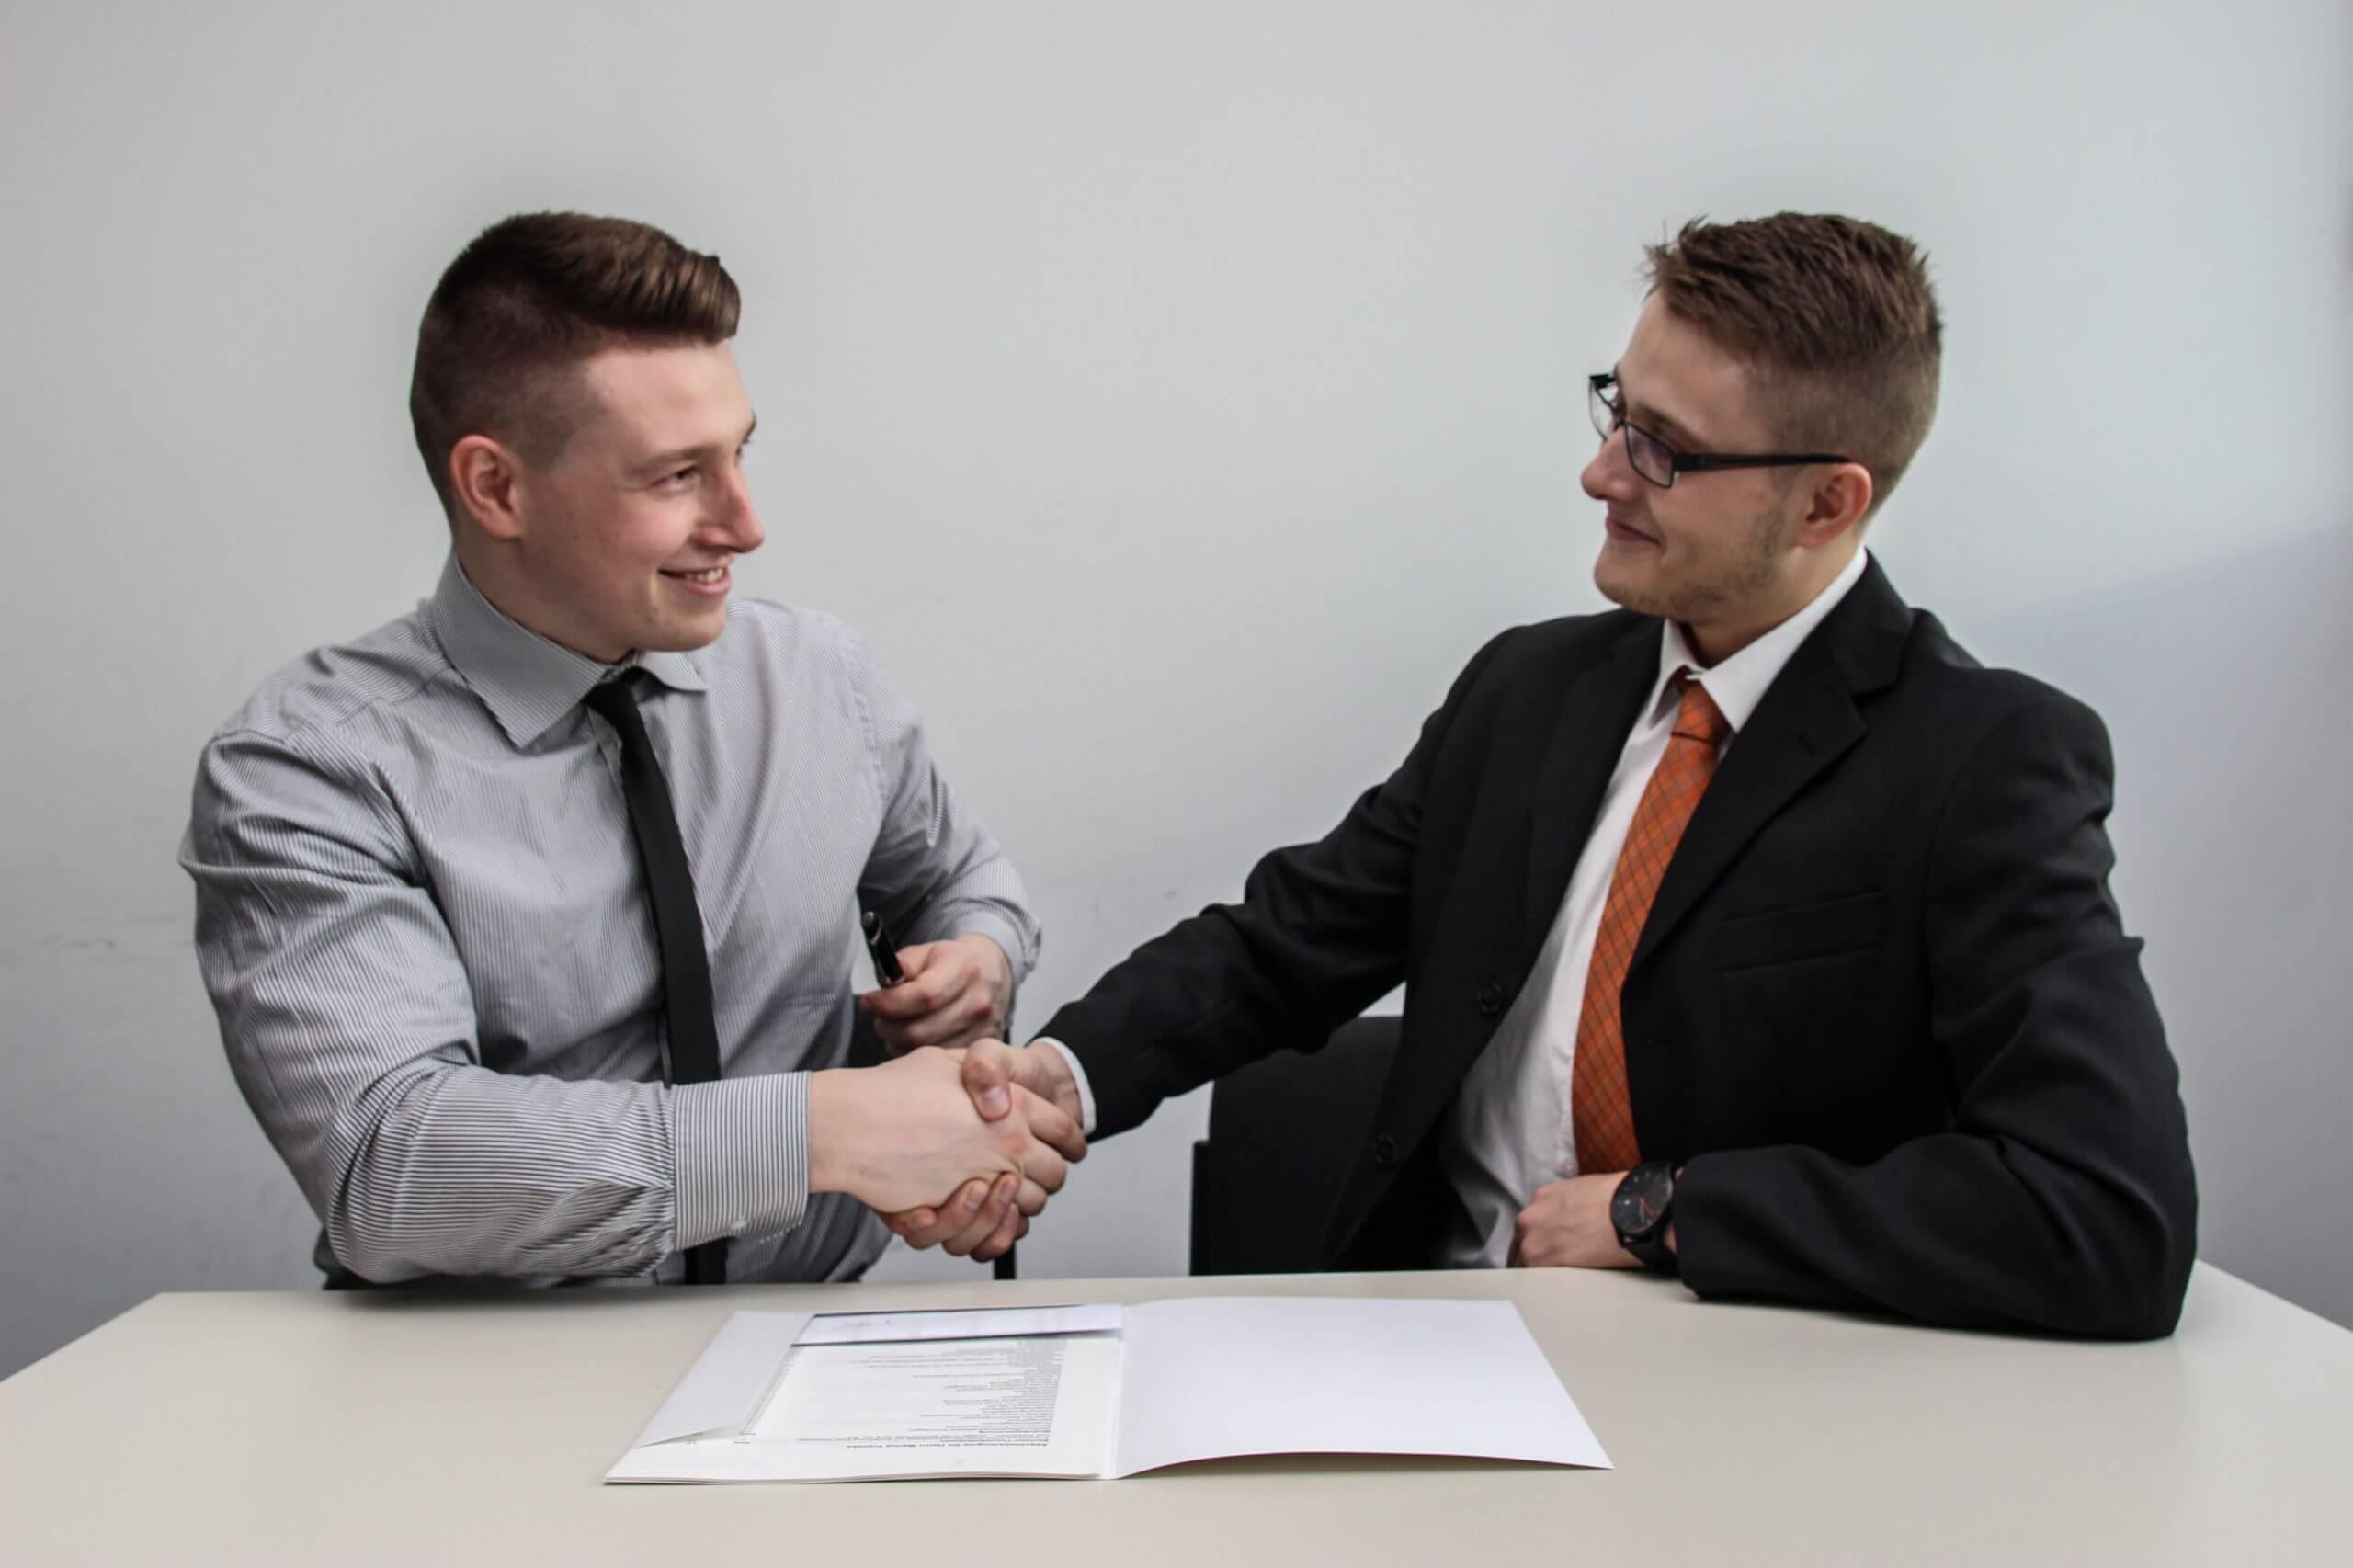 deux jeunes collègues masculins souriant et serrant la main